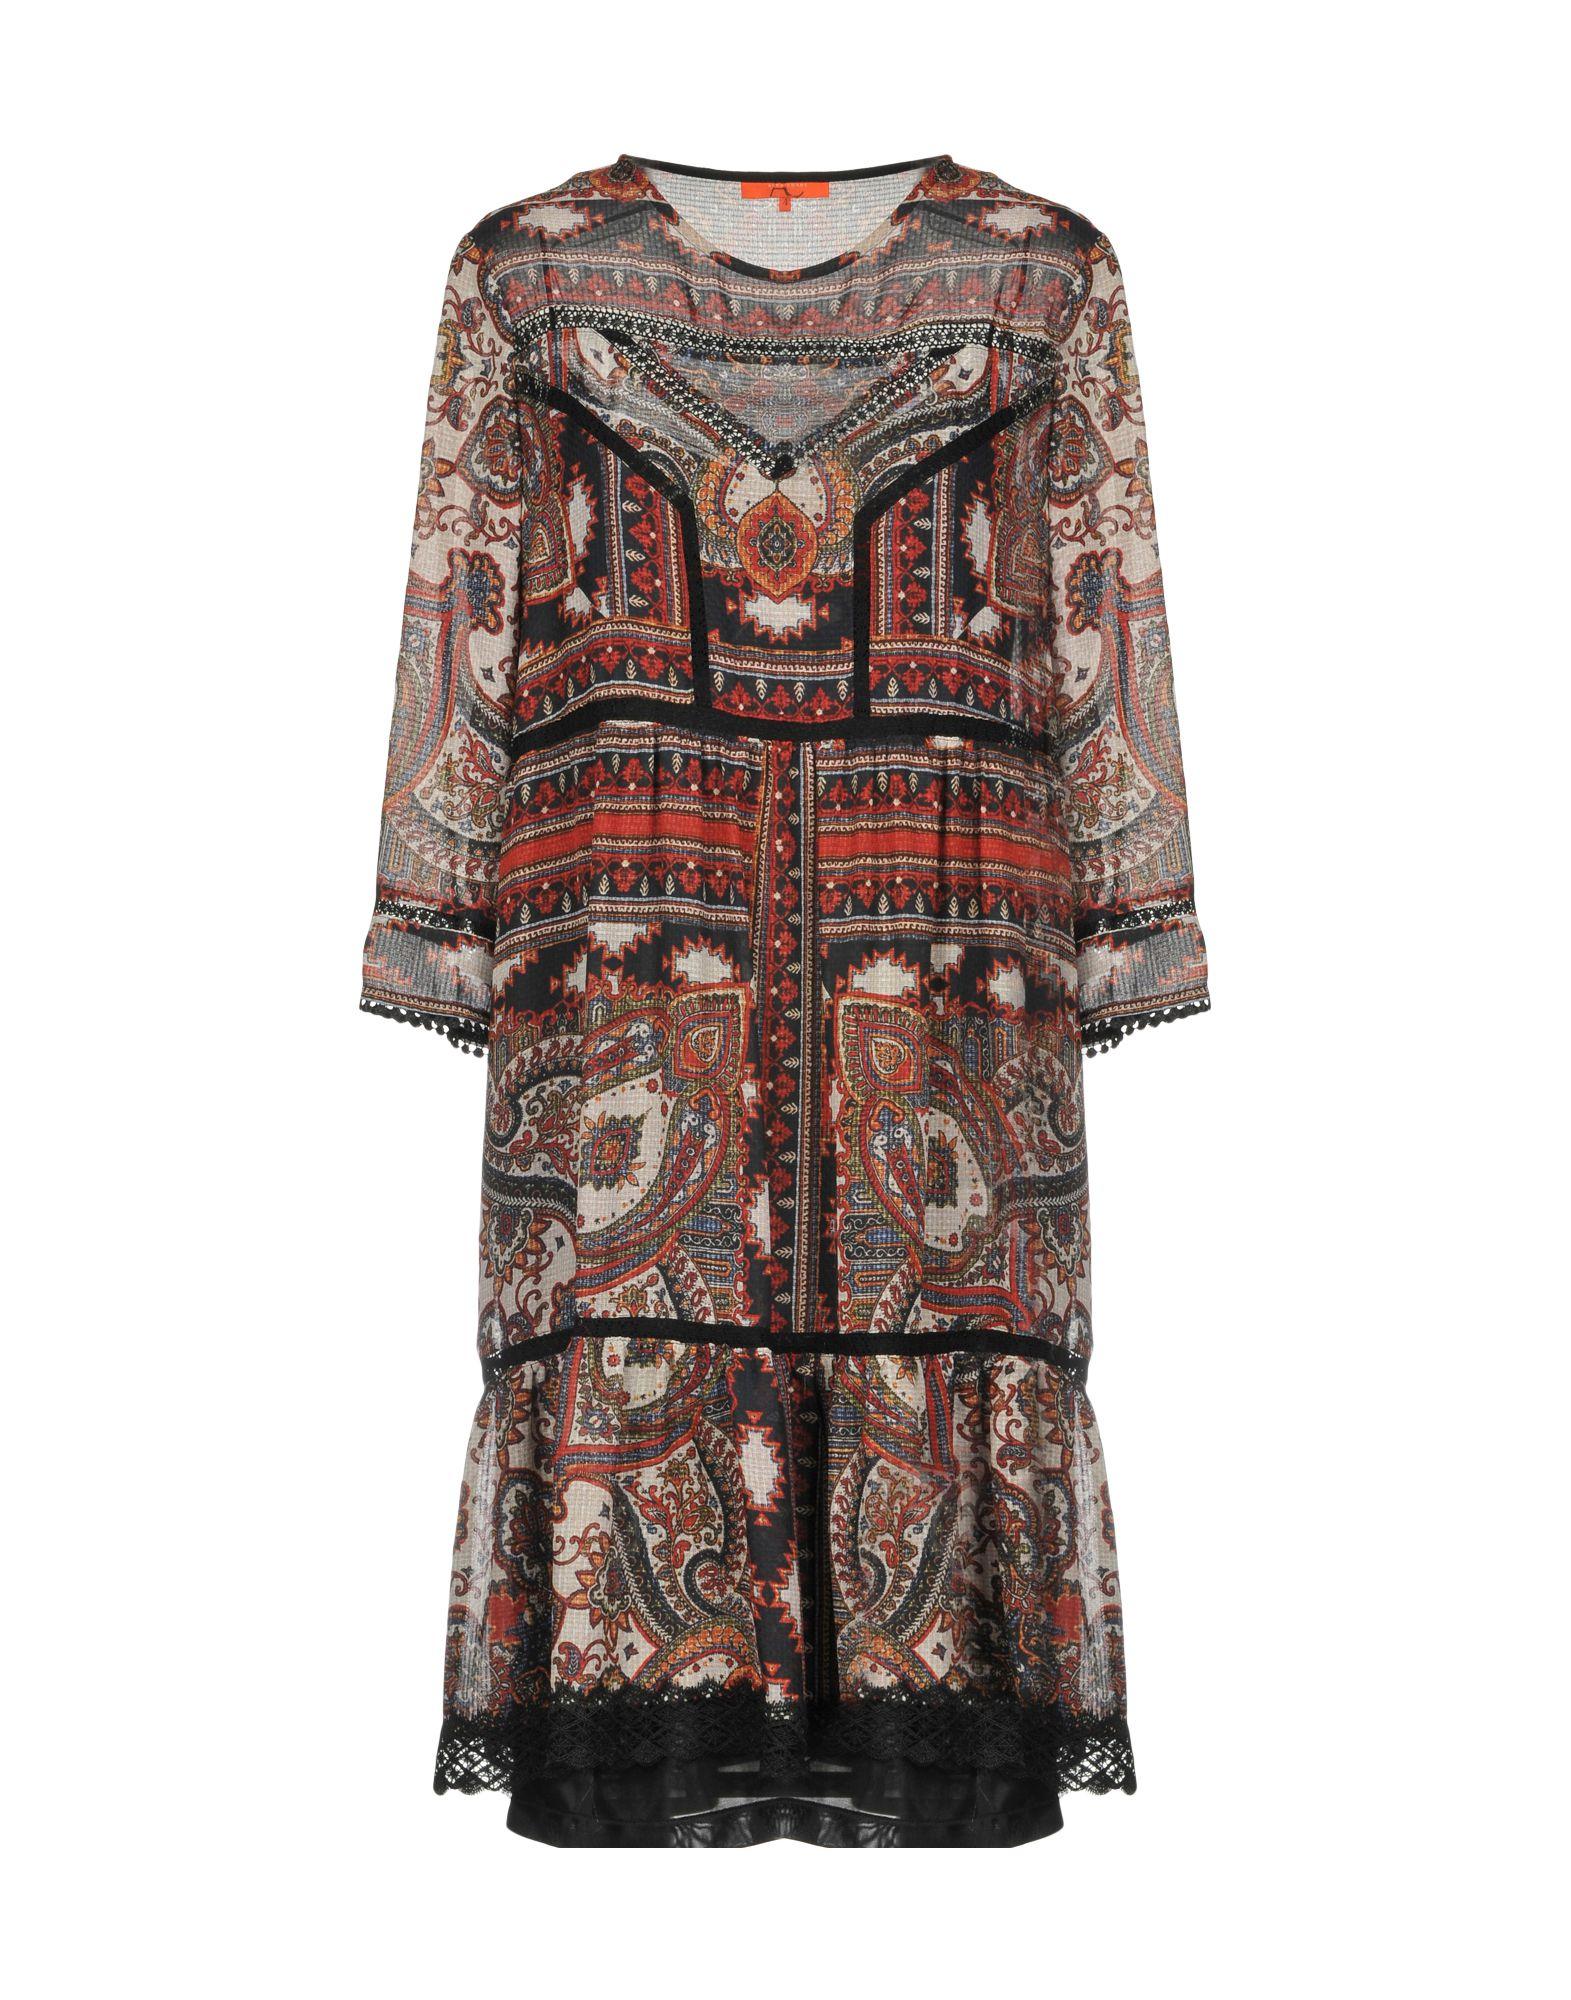 ALBA CONDE Damen Kurzes Kleid Farbe Ziegelrot Größe 6